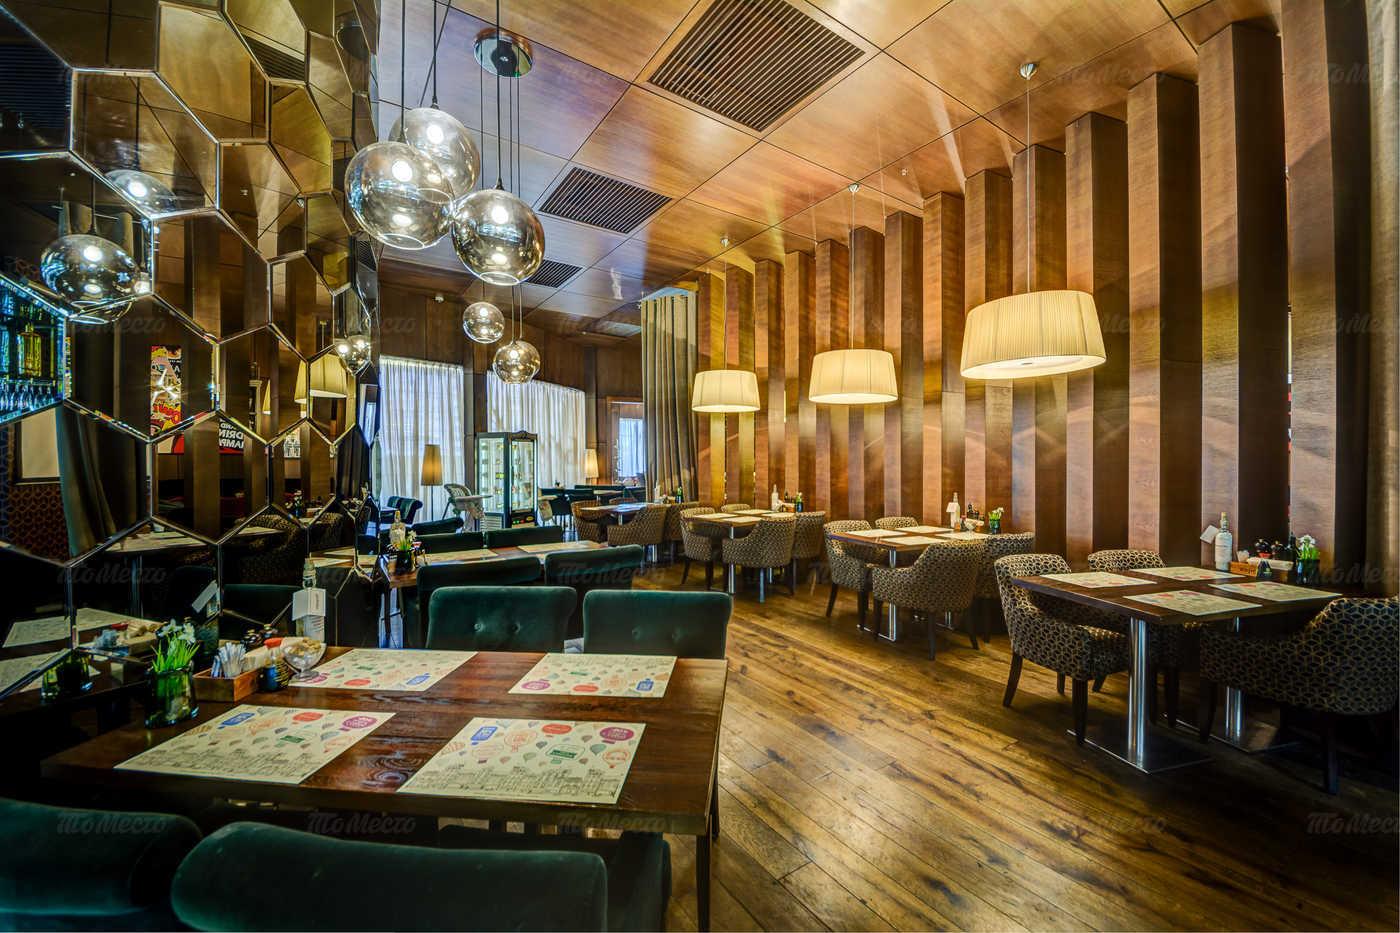 Ресторан Апрель cafe на улице Савушкиной